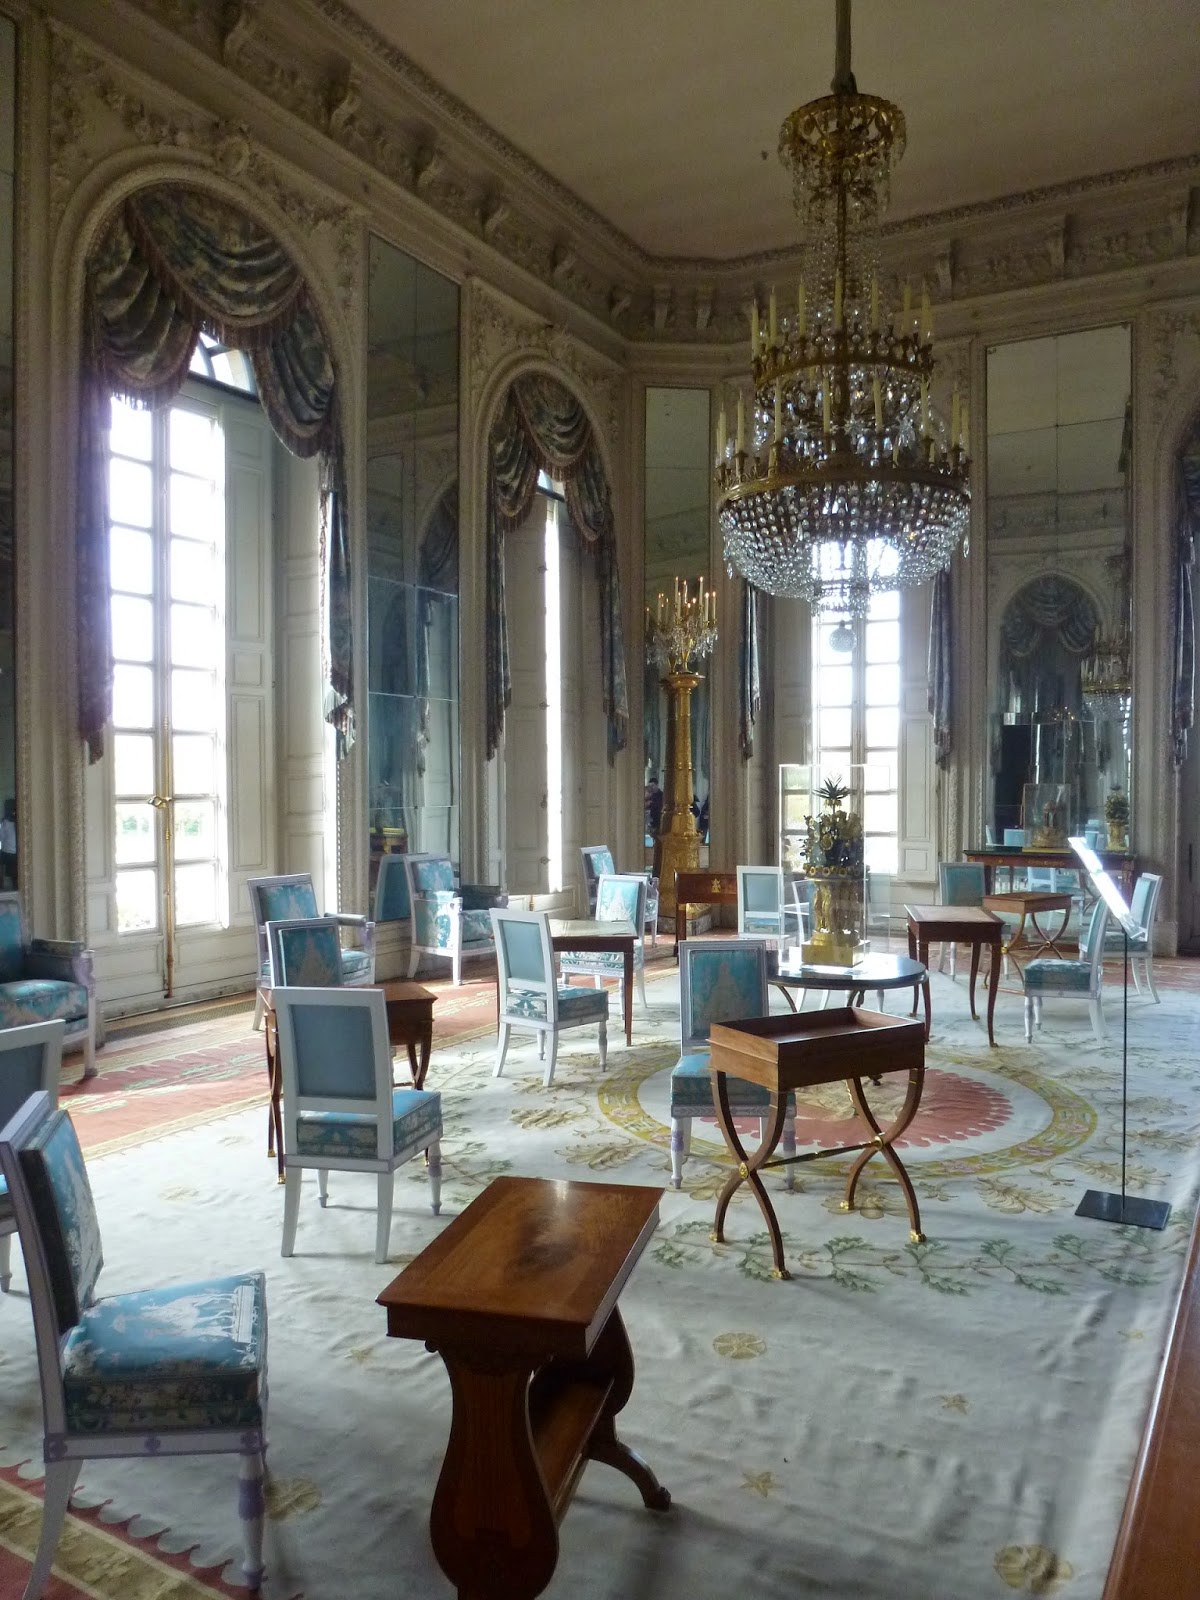 Atelier d 39 h l ne versailles trianon 2 me partie for Architecte de versailles sous louis xiv